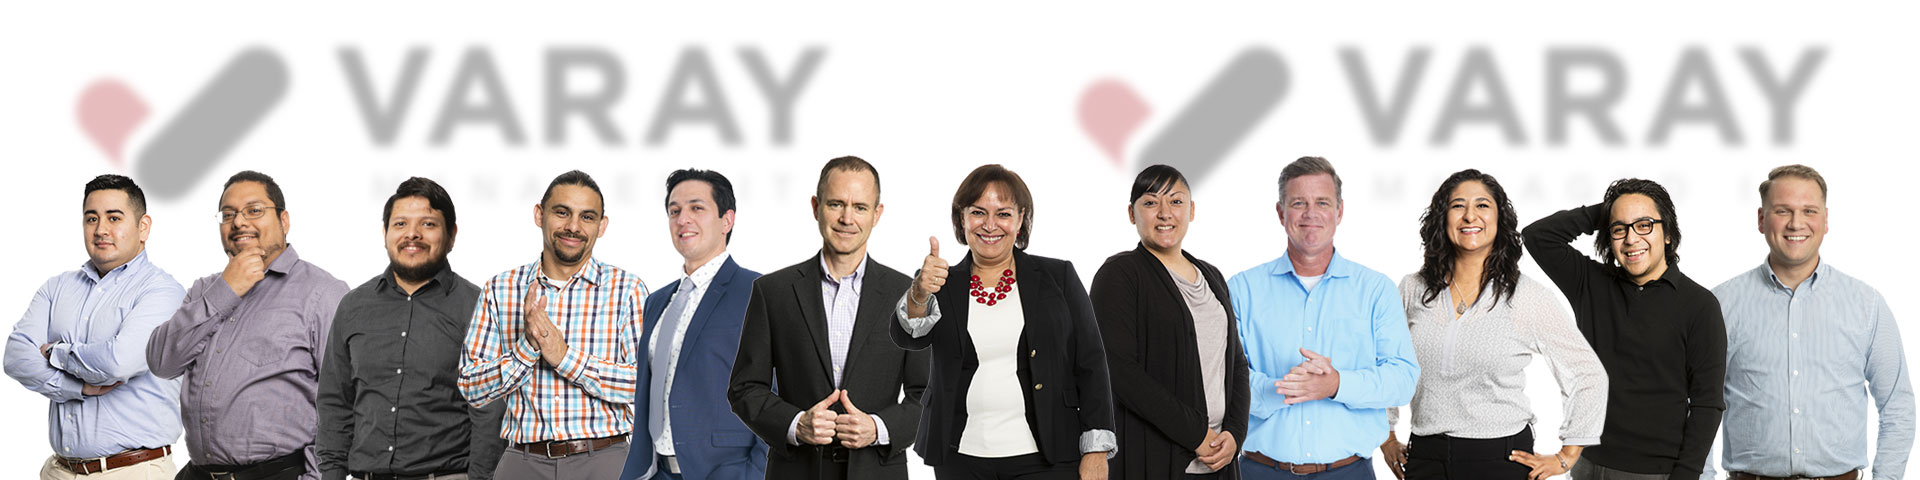 Varay Managed IT Team | El Paso and San Antonio